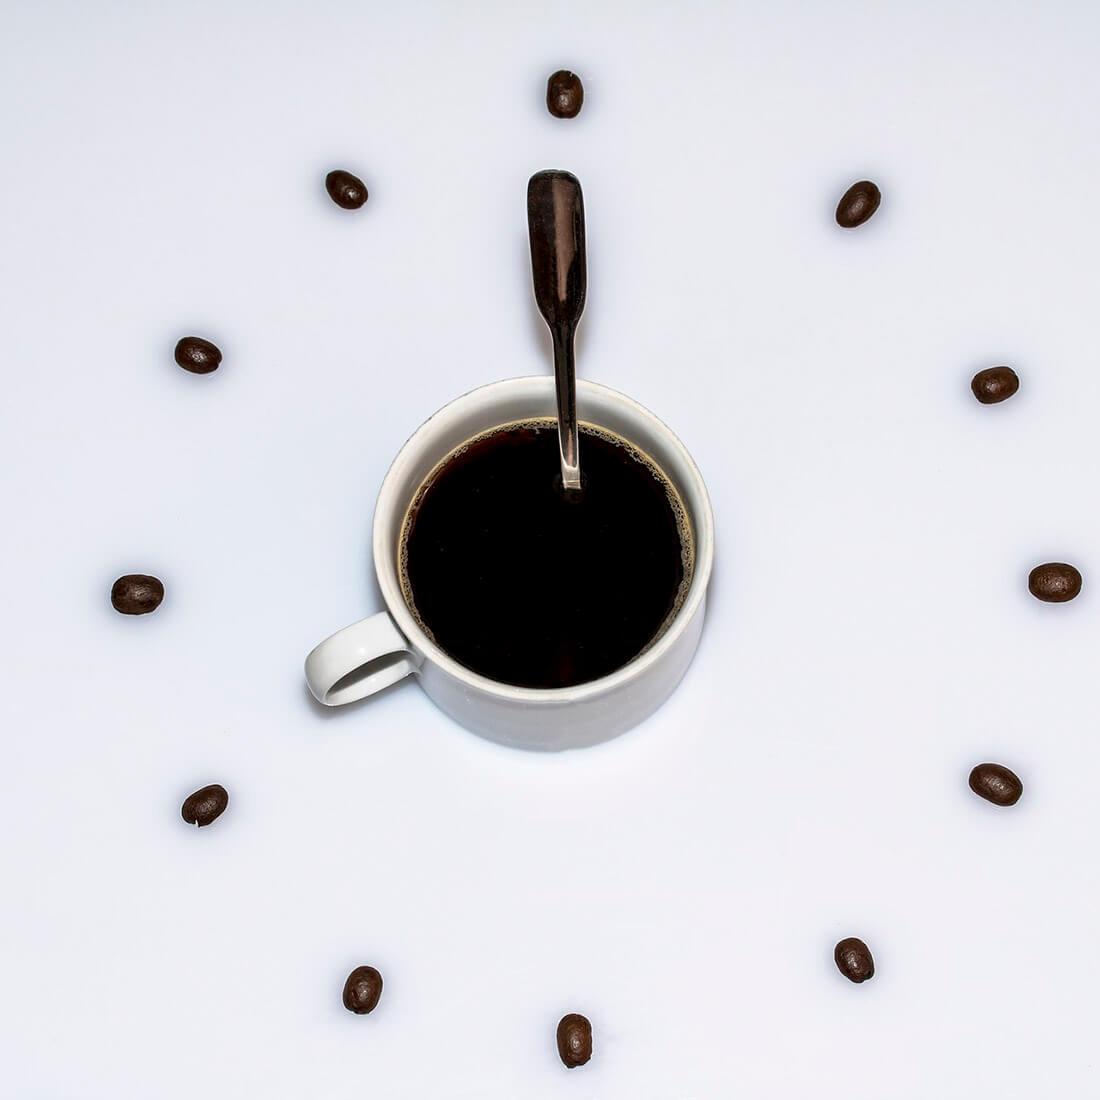 acordar-mais-cedo-despertador-post-Emprelas